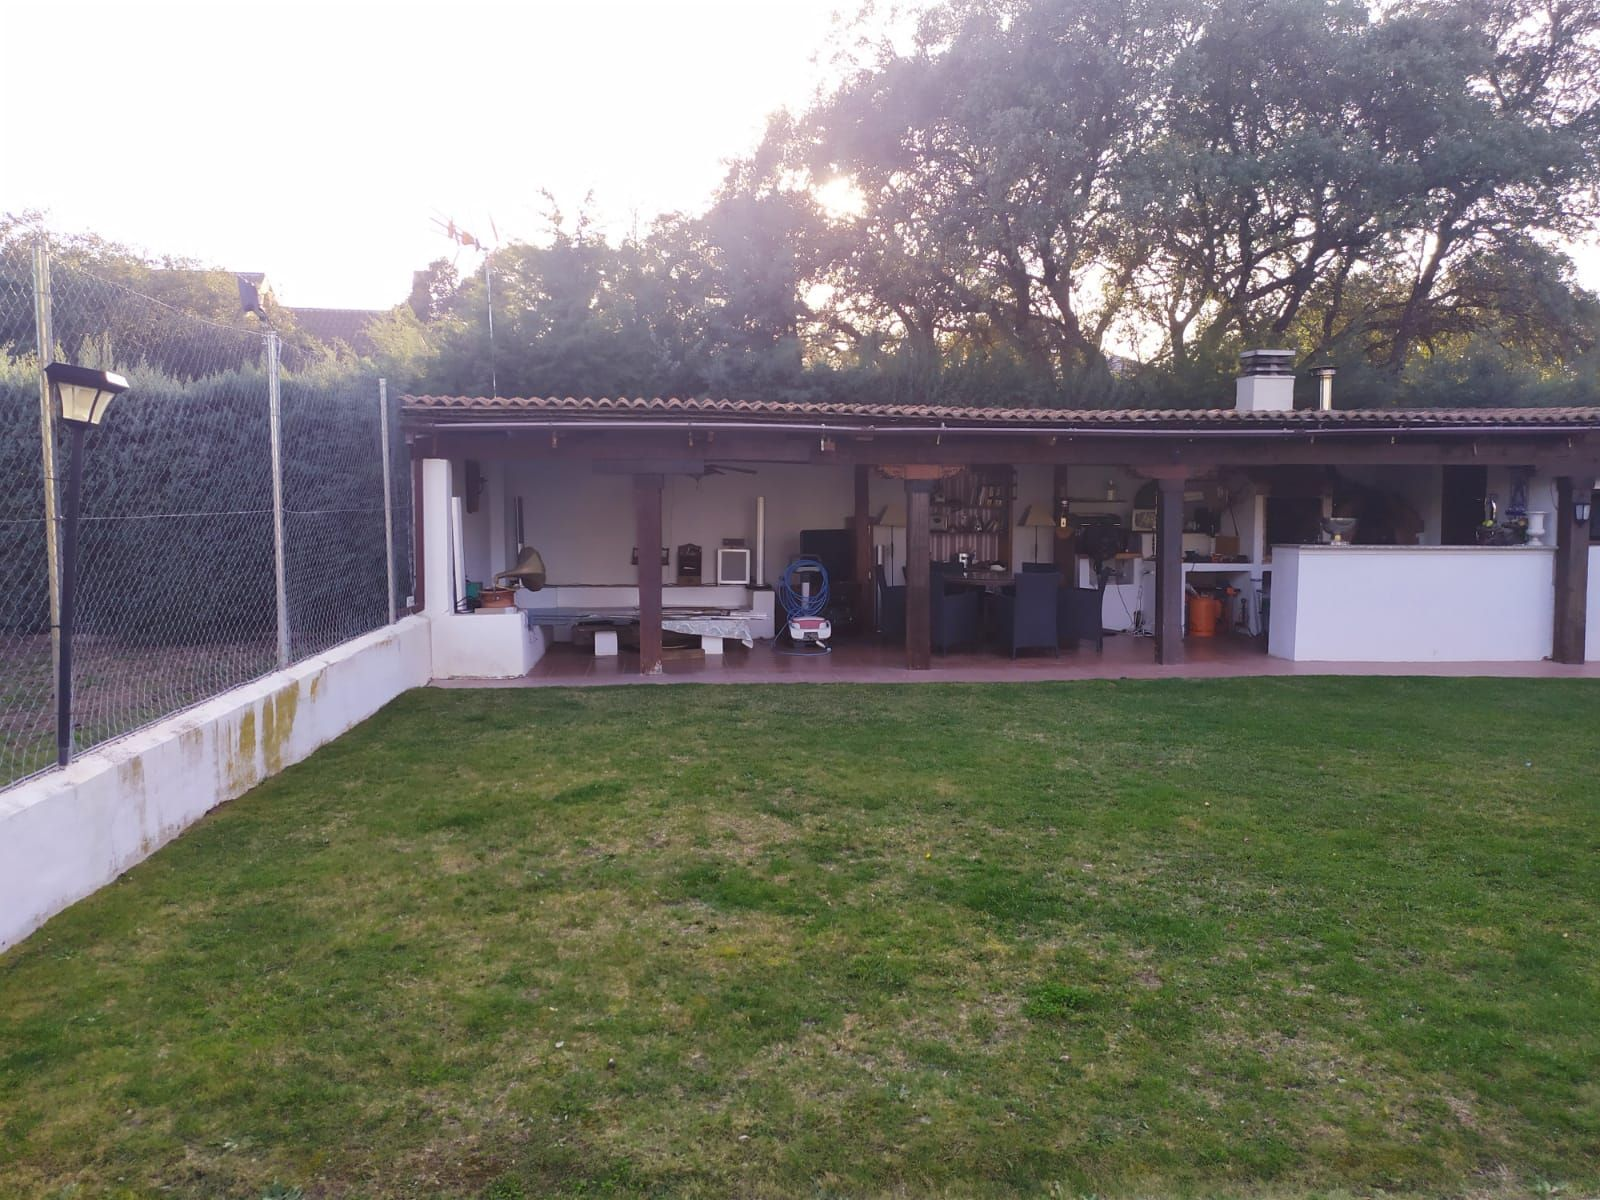 Casa / Chalet en Villanueva de la Cañada, La Raya del Palancar, venta